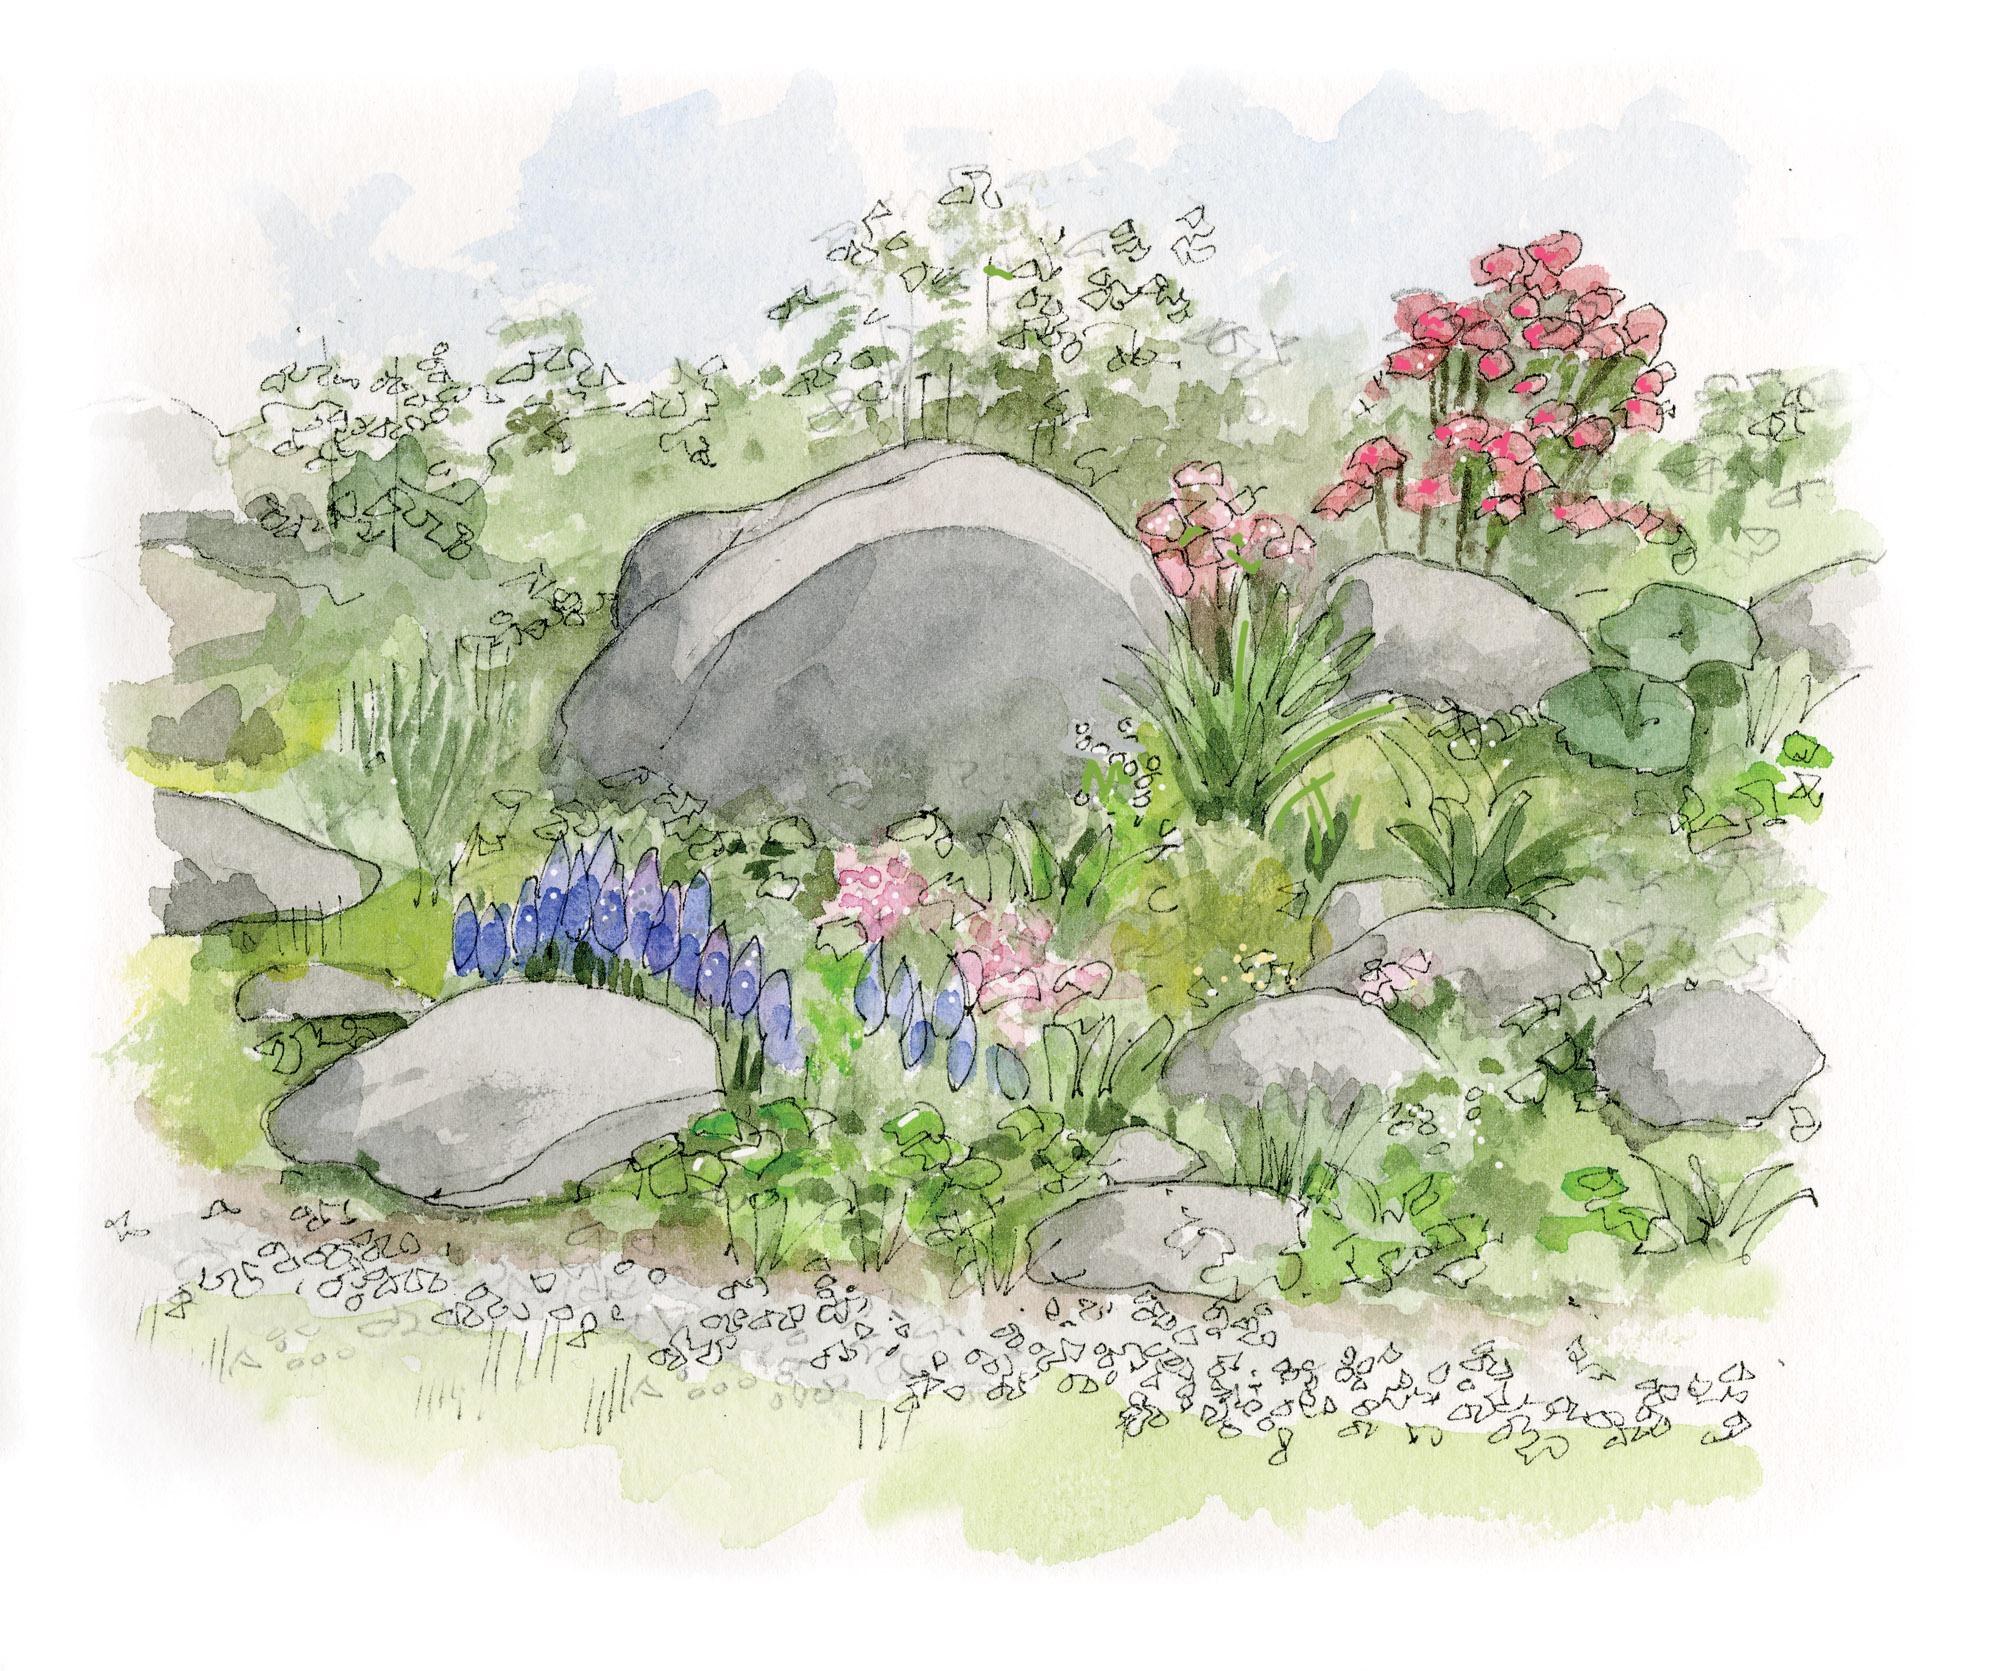 DIY Rock Garden